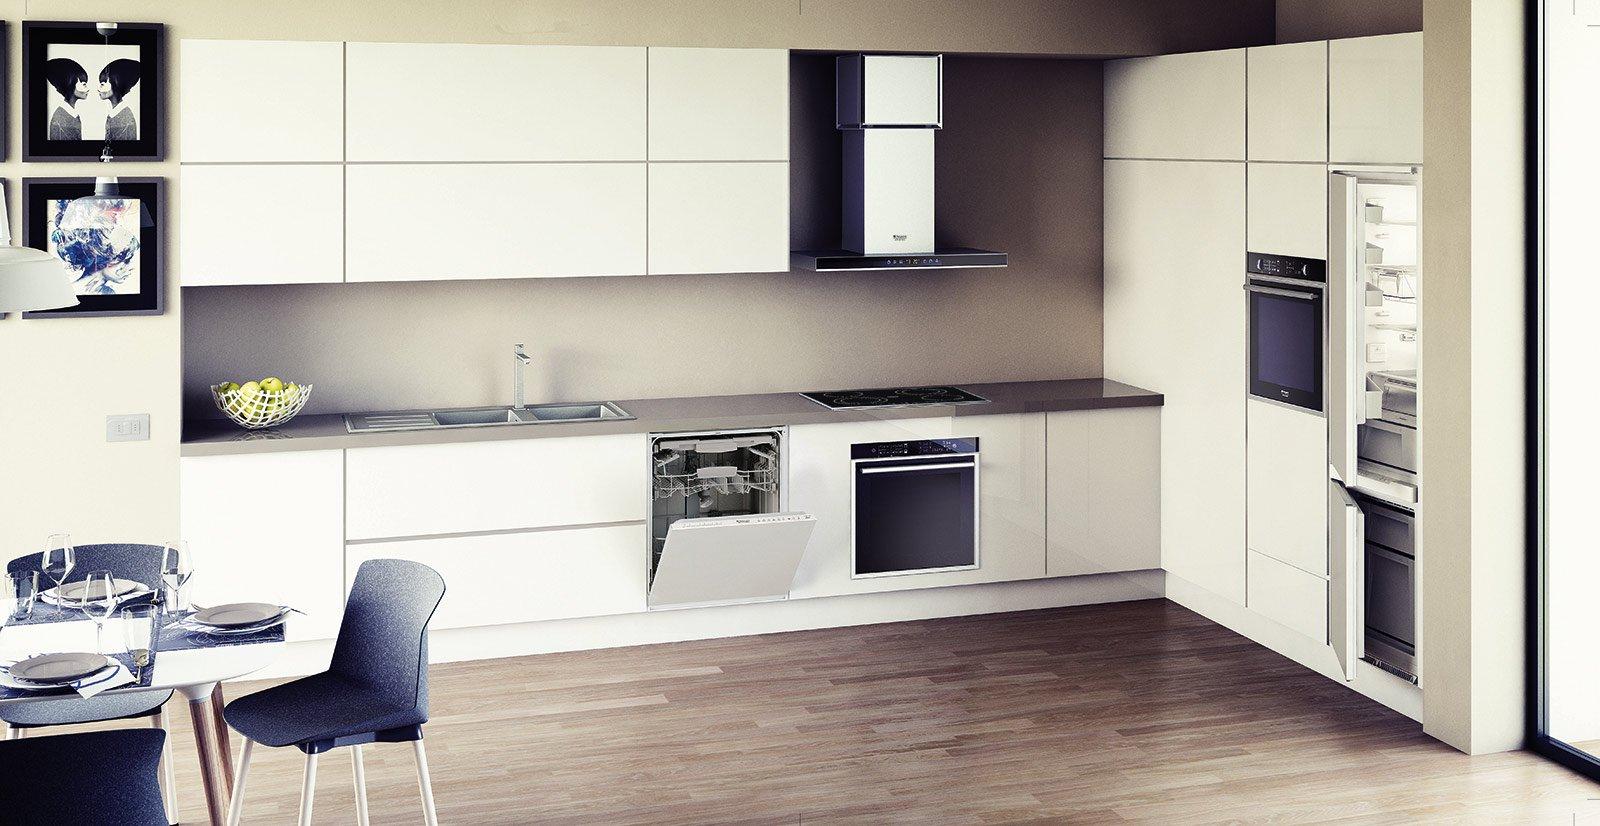 Piano cottura a induzione una nuova gamma attenta al for Piano cottura cucina